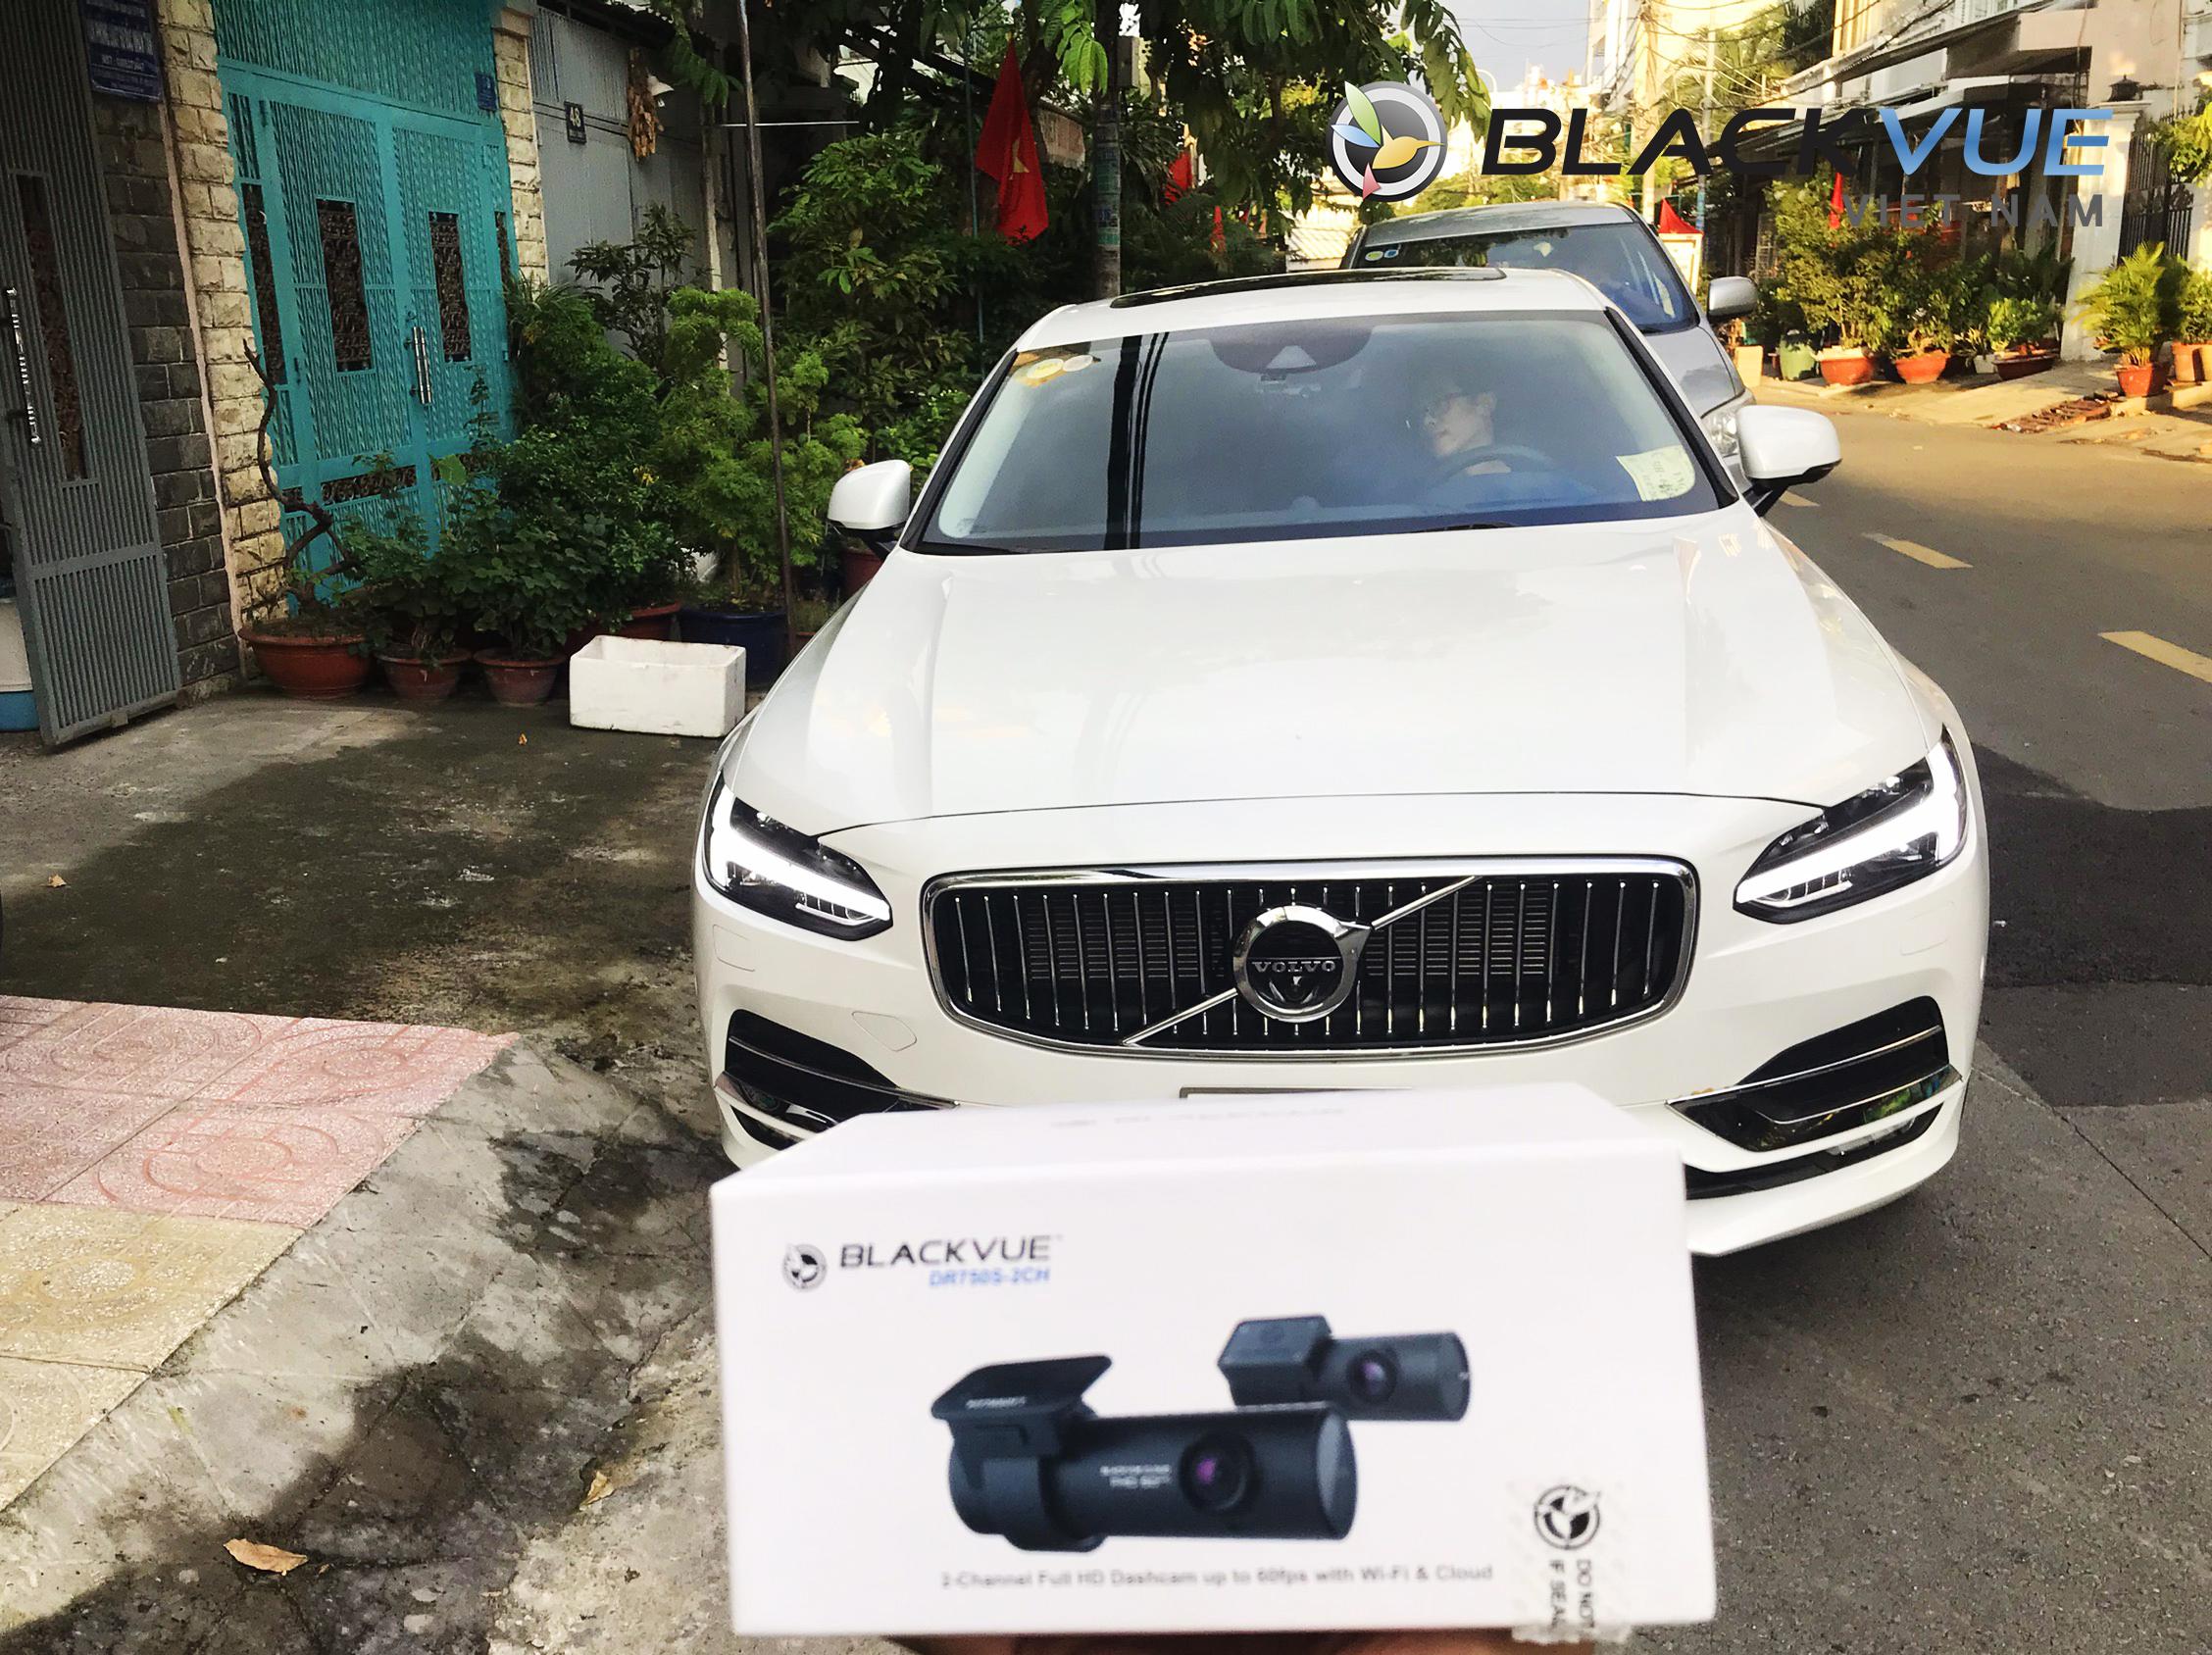 z2058771429972 a7c48a4d926e3cbd3c767293a8b3ed6e 1 - Khách hàng hiểu công nghệ chọn Blackvue DR750S-2CH kết hợp với Volvo cho sự an toàn tuyệt vời